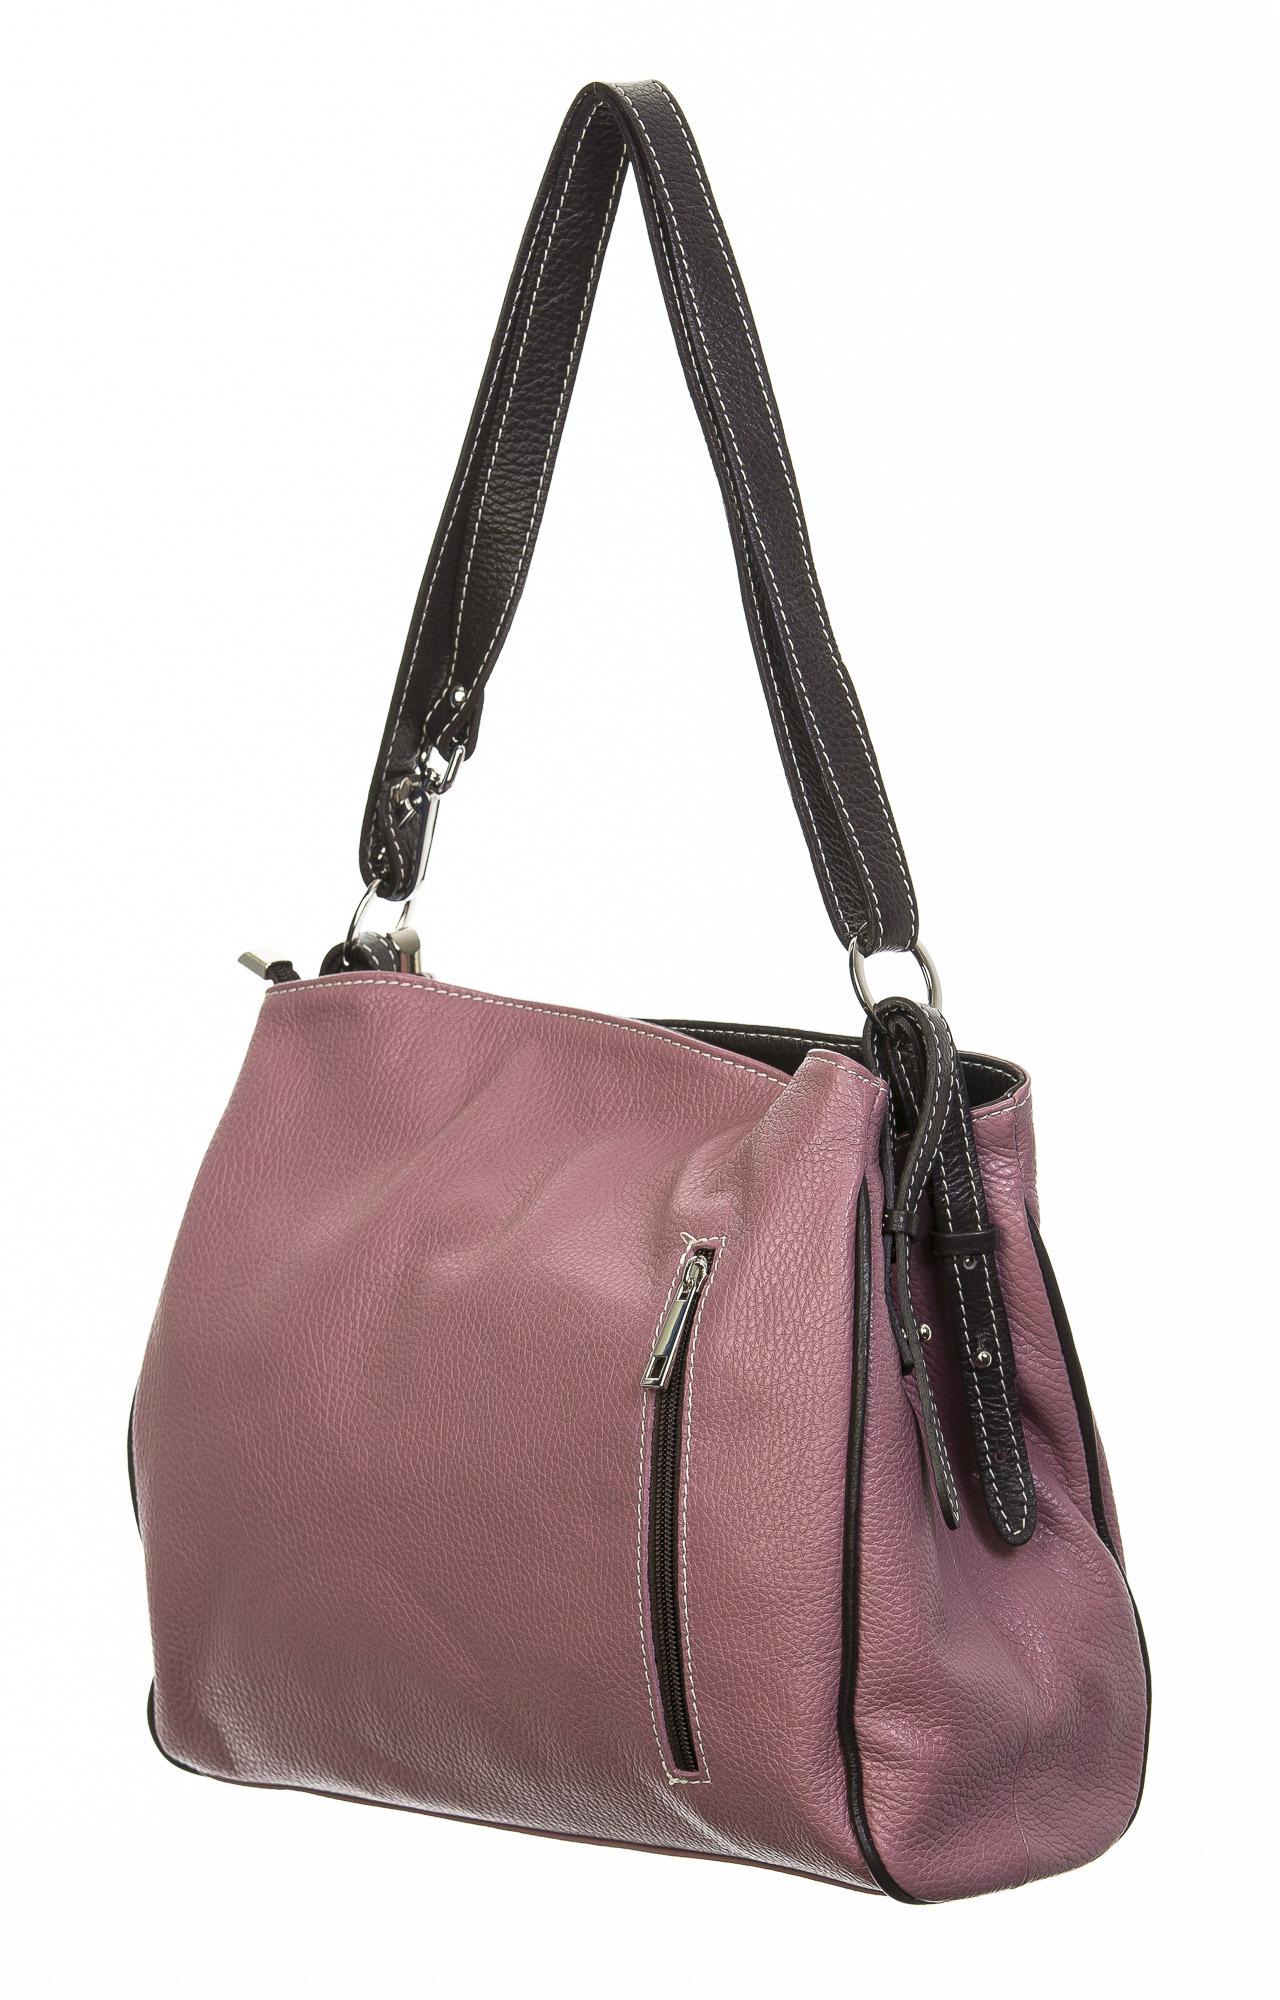 Borsa donna in vera pelle, DELIA REI, mod ANGELINA colore rosa, Made in Italy.